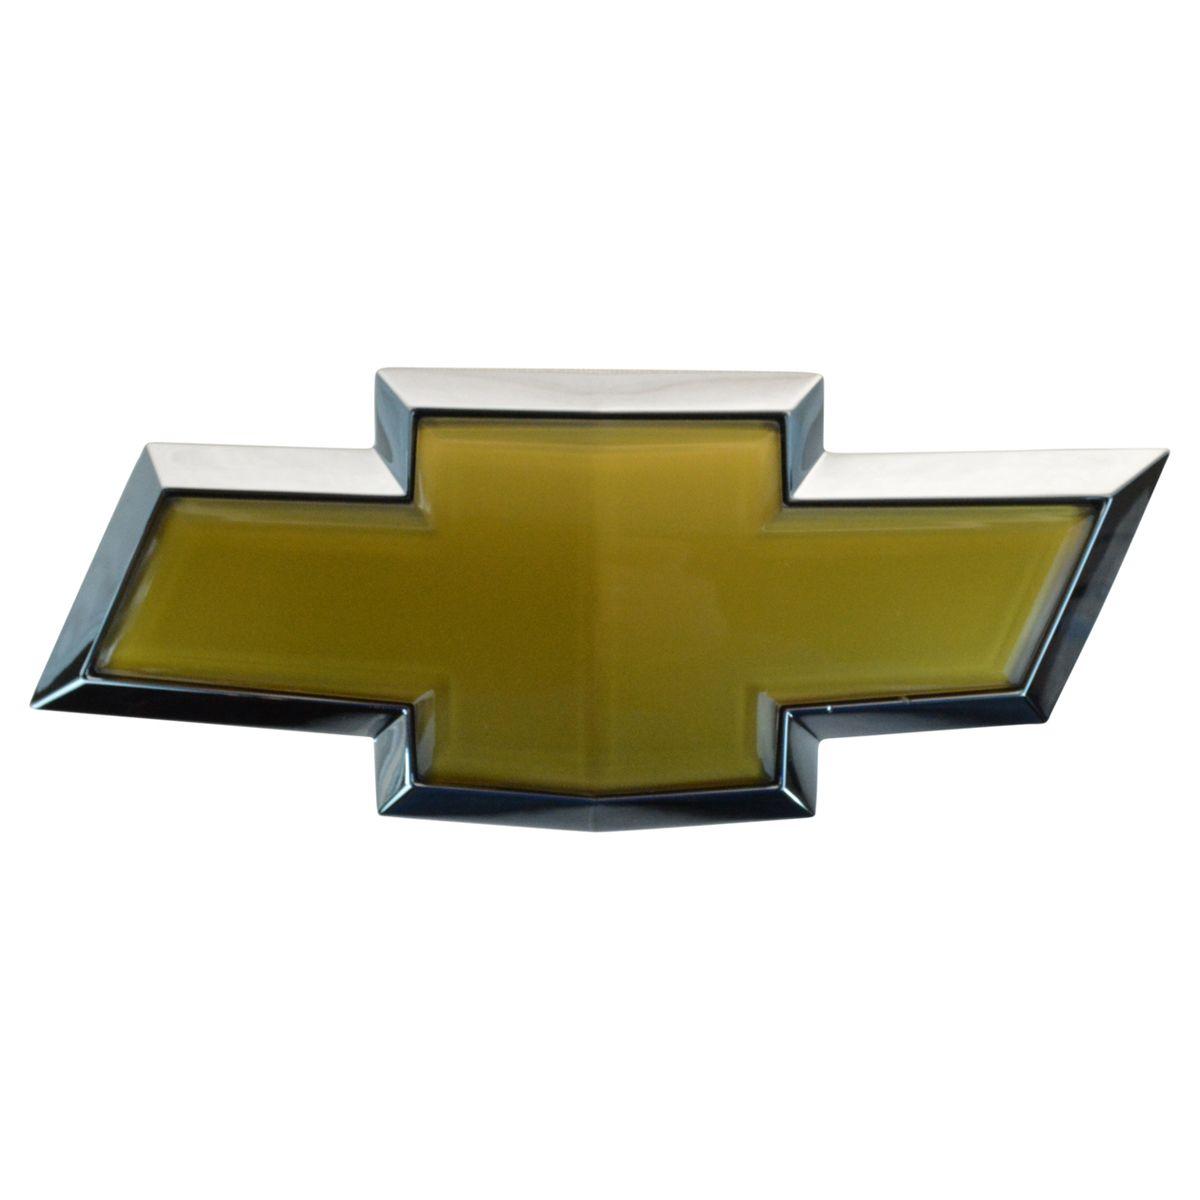 OEM 22909142 Bowtie Emblem Front Bumper Mount For Chevy